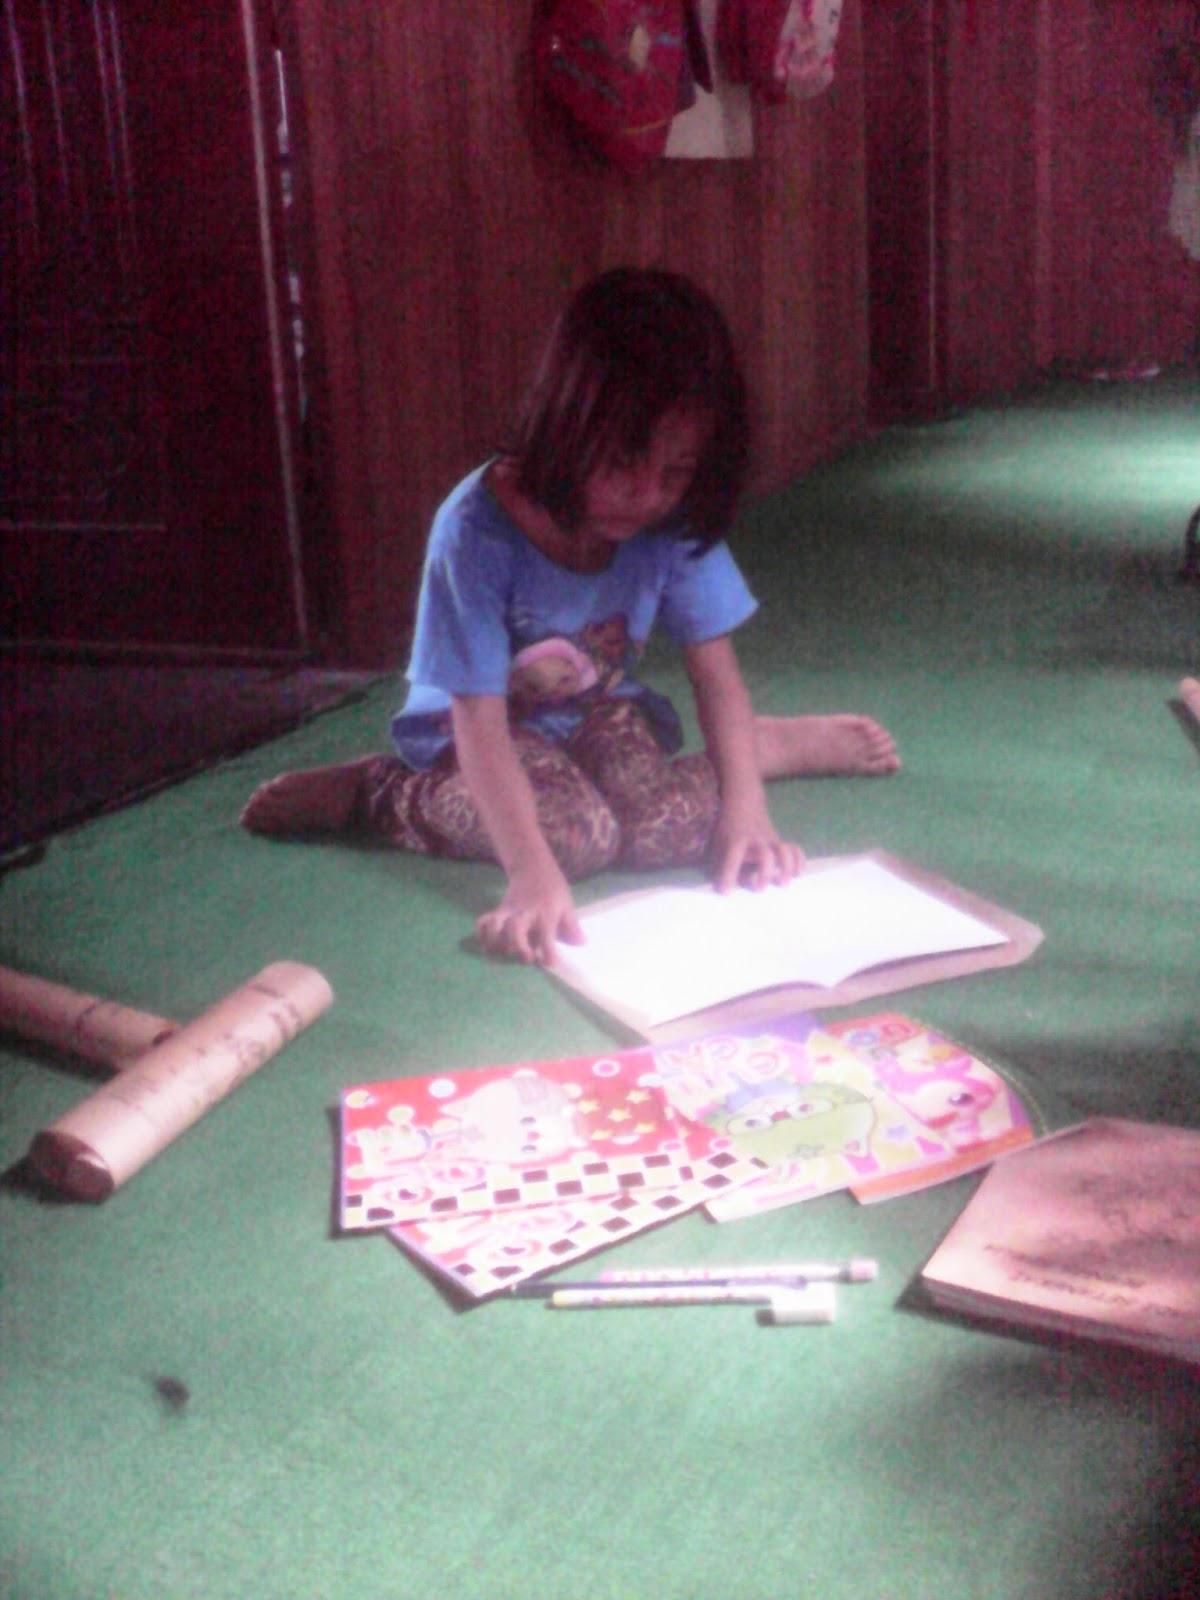 Sdn Sungai Malang 4 Sekolahku Menata Buku Sampul Coklat Gambar Ayah Juga Sudah Membelikan Warnanya Bergambar Putri Cenderella Tersebut Diberi Agar Kelihatan Rapi